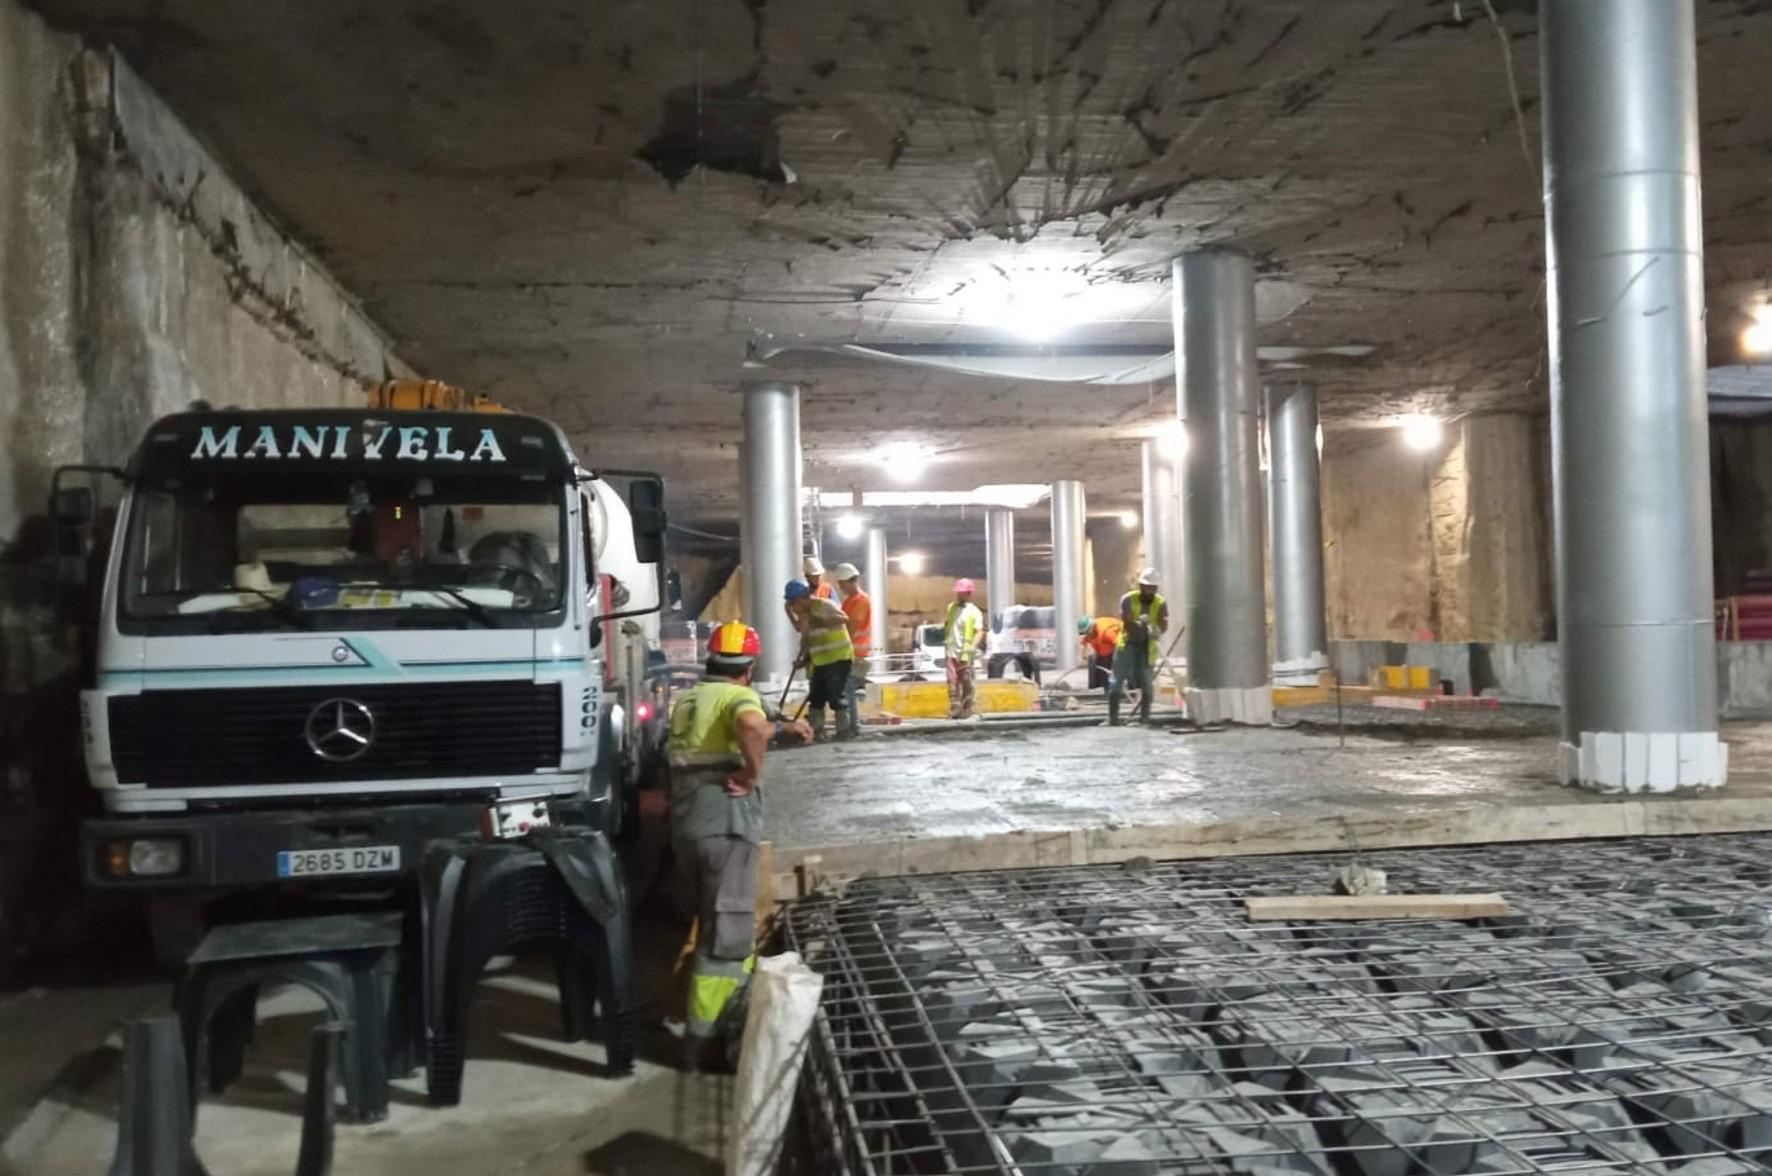 El control de calidad se ejercerá en el túnel del metro de Málaga desde El Perchel a Atarazanas.